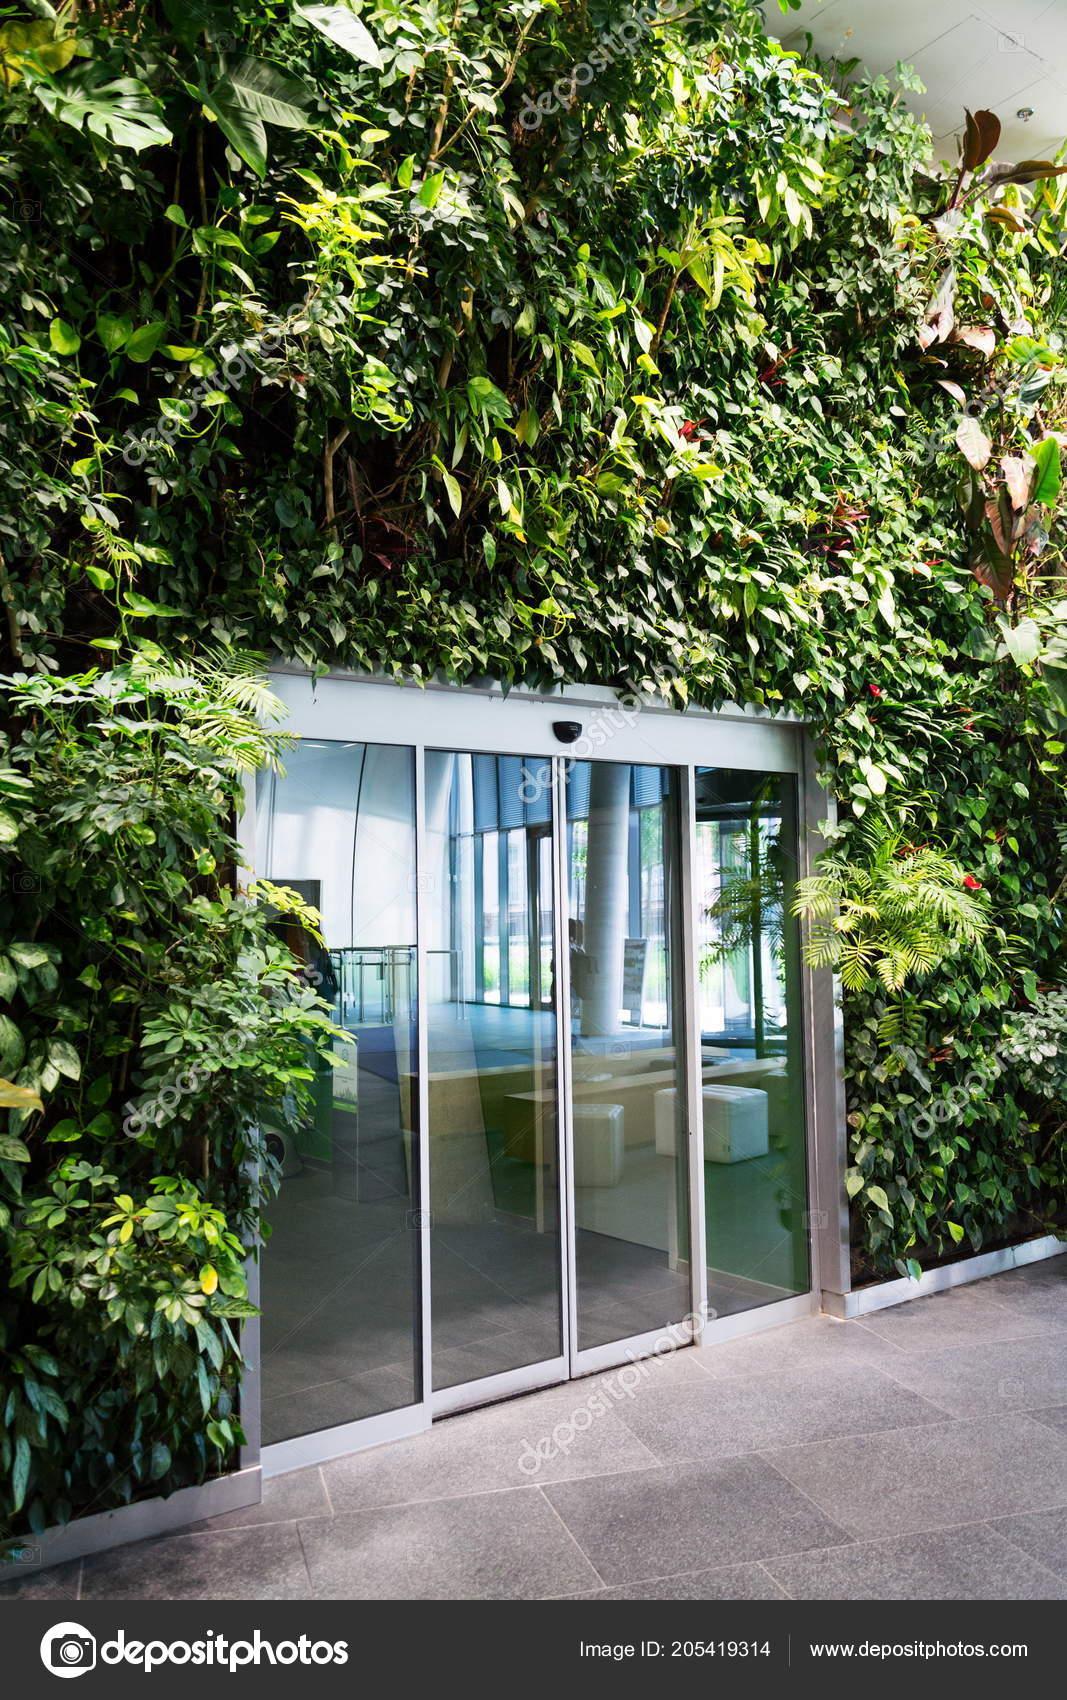 Porte Vitrée Milieu Jardin Vertical Mur Vert Avec Fleurs Plantes ...